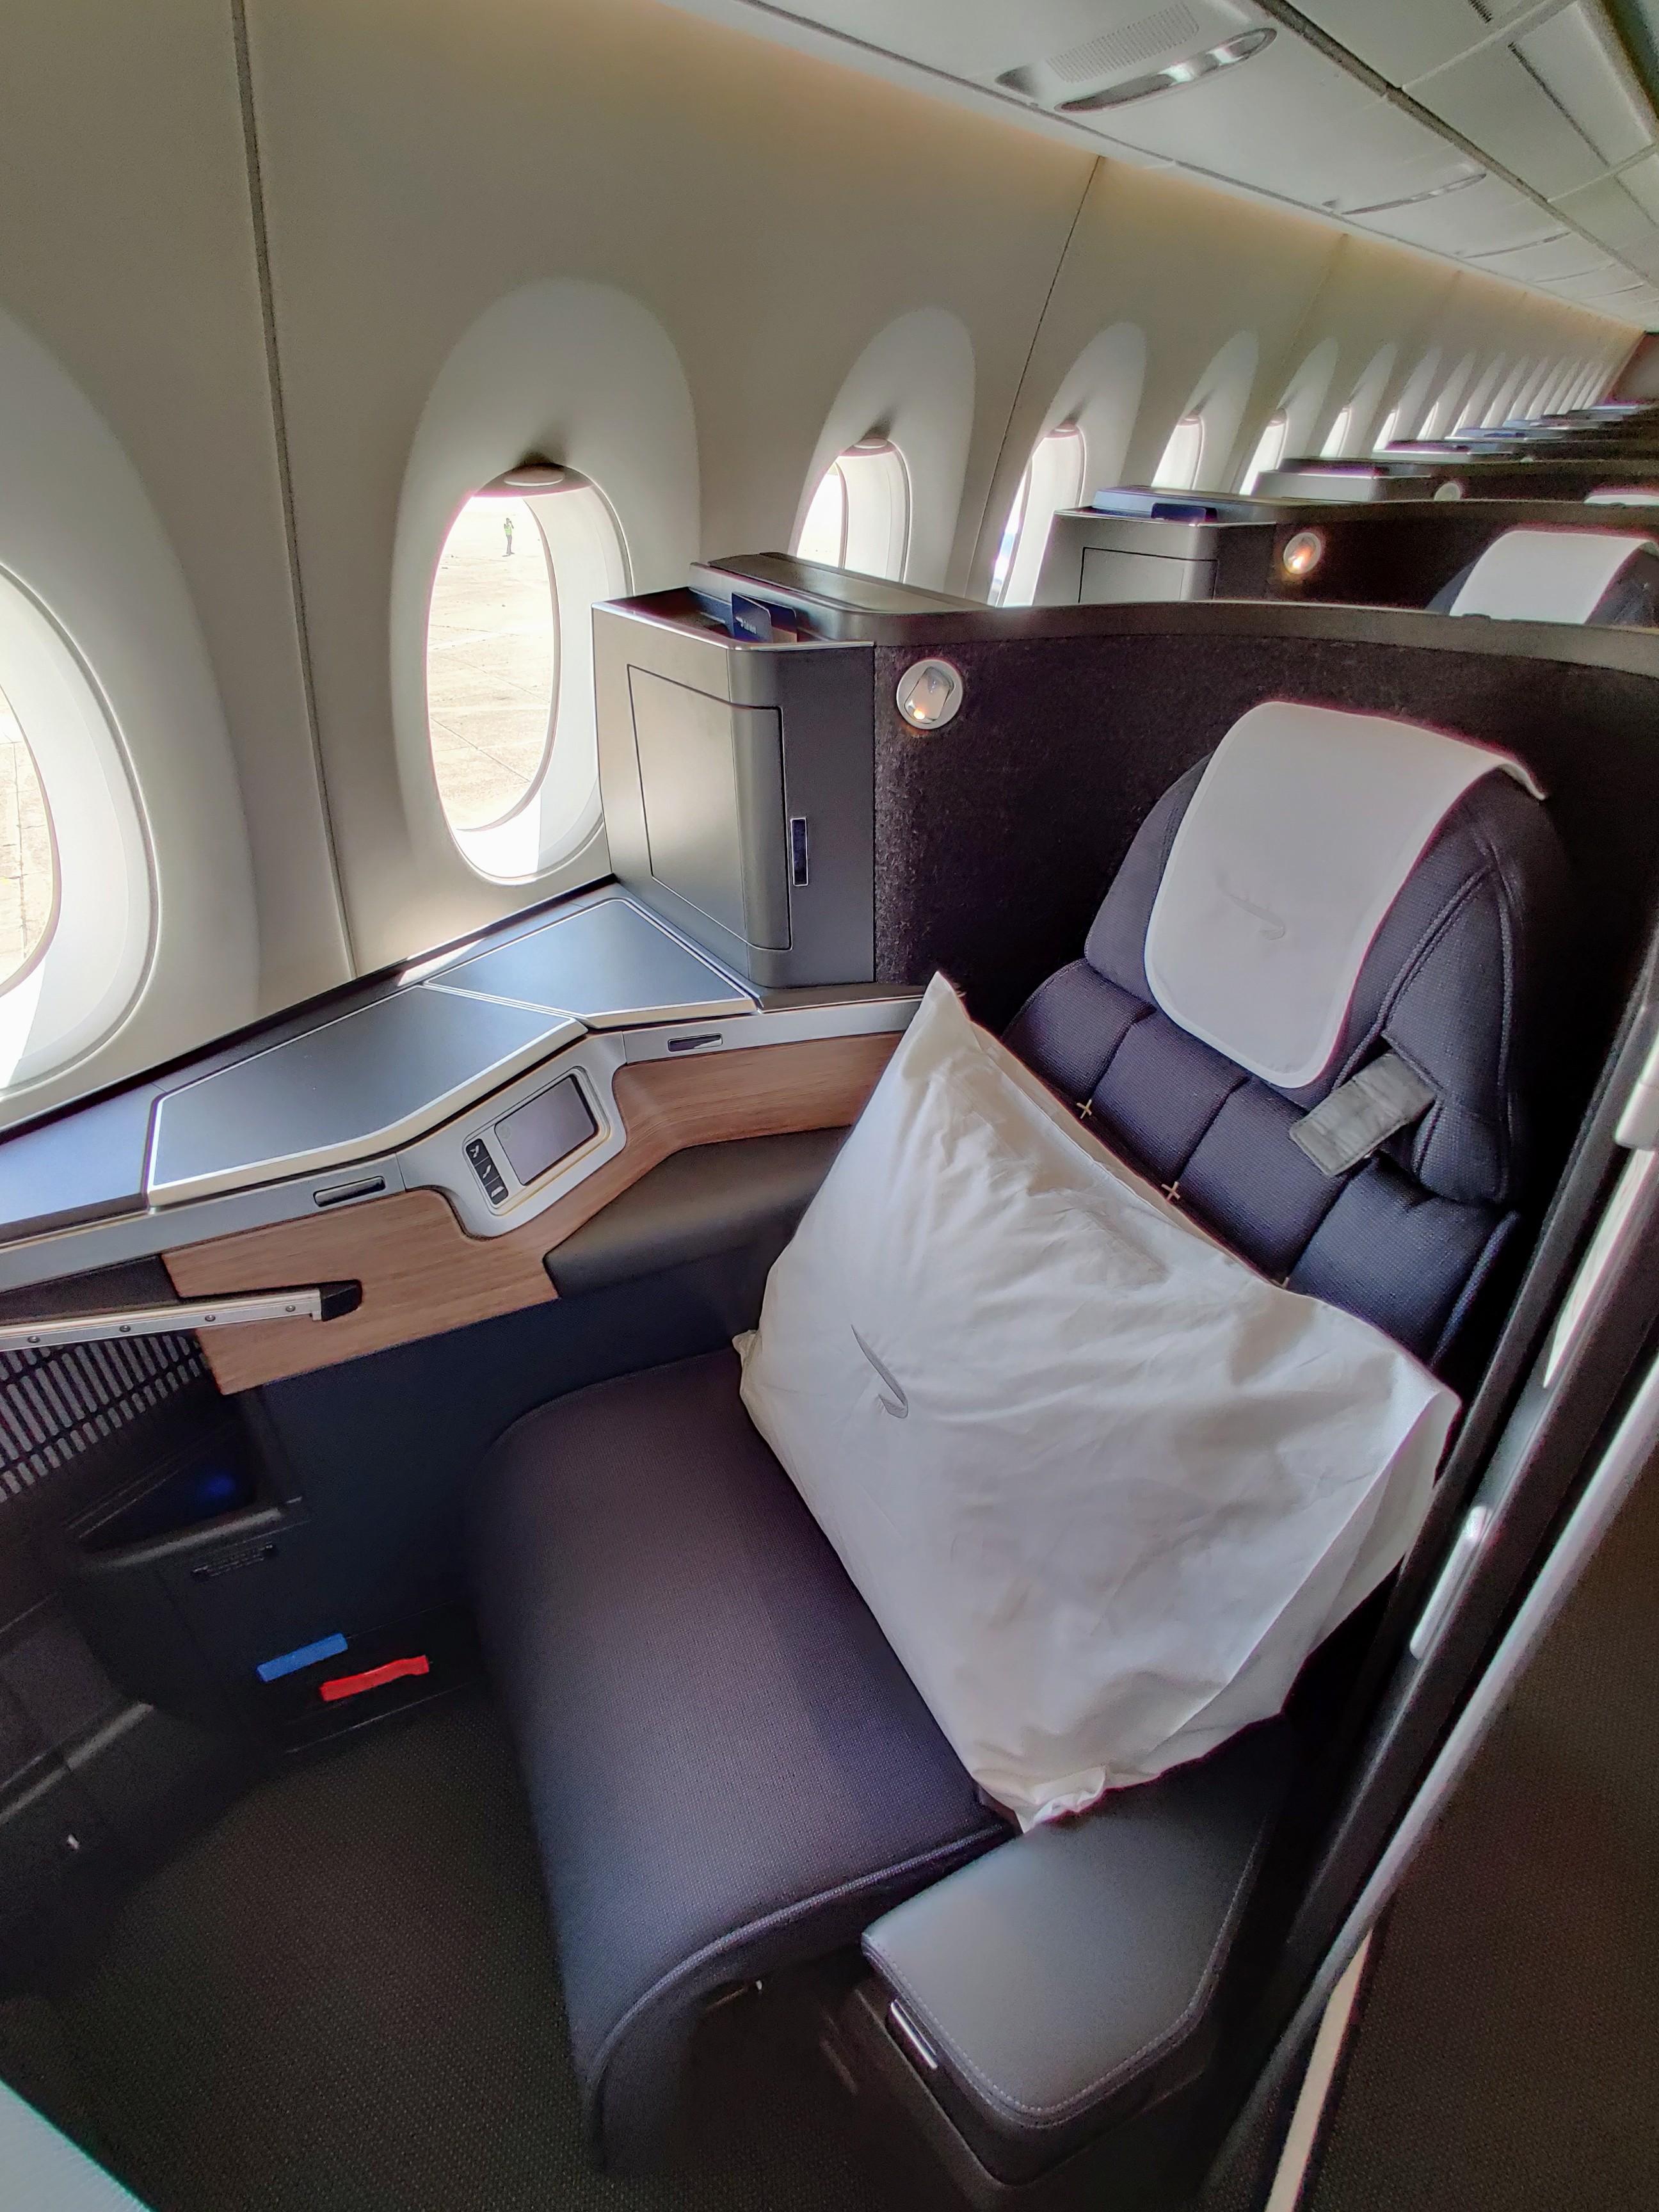 BA A350 Club Suite